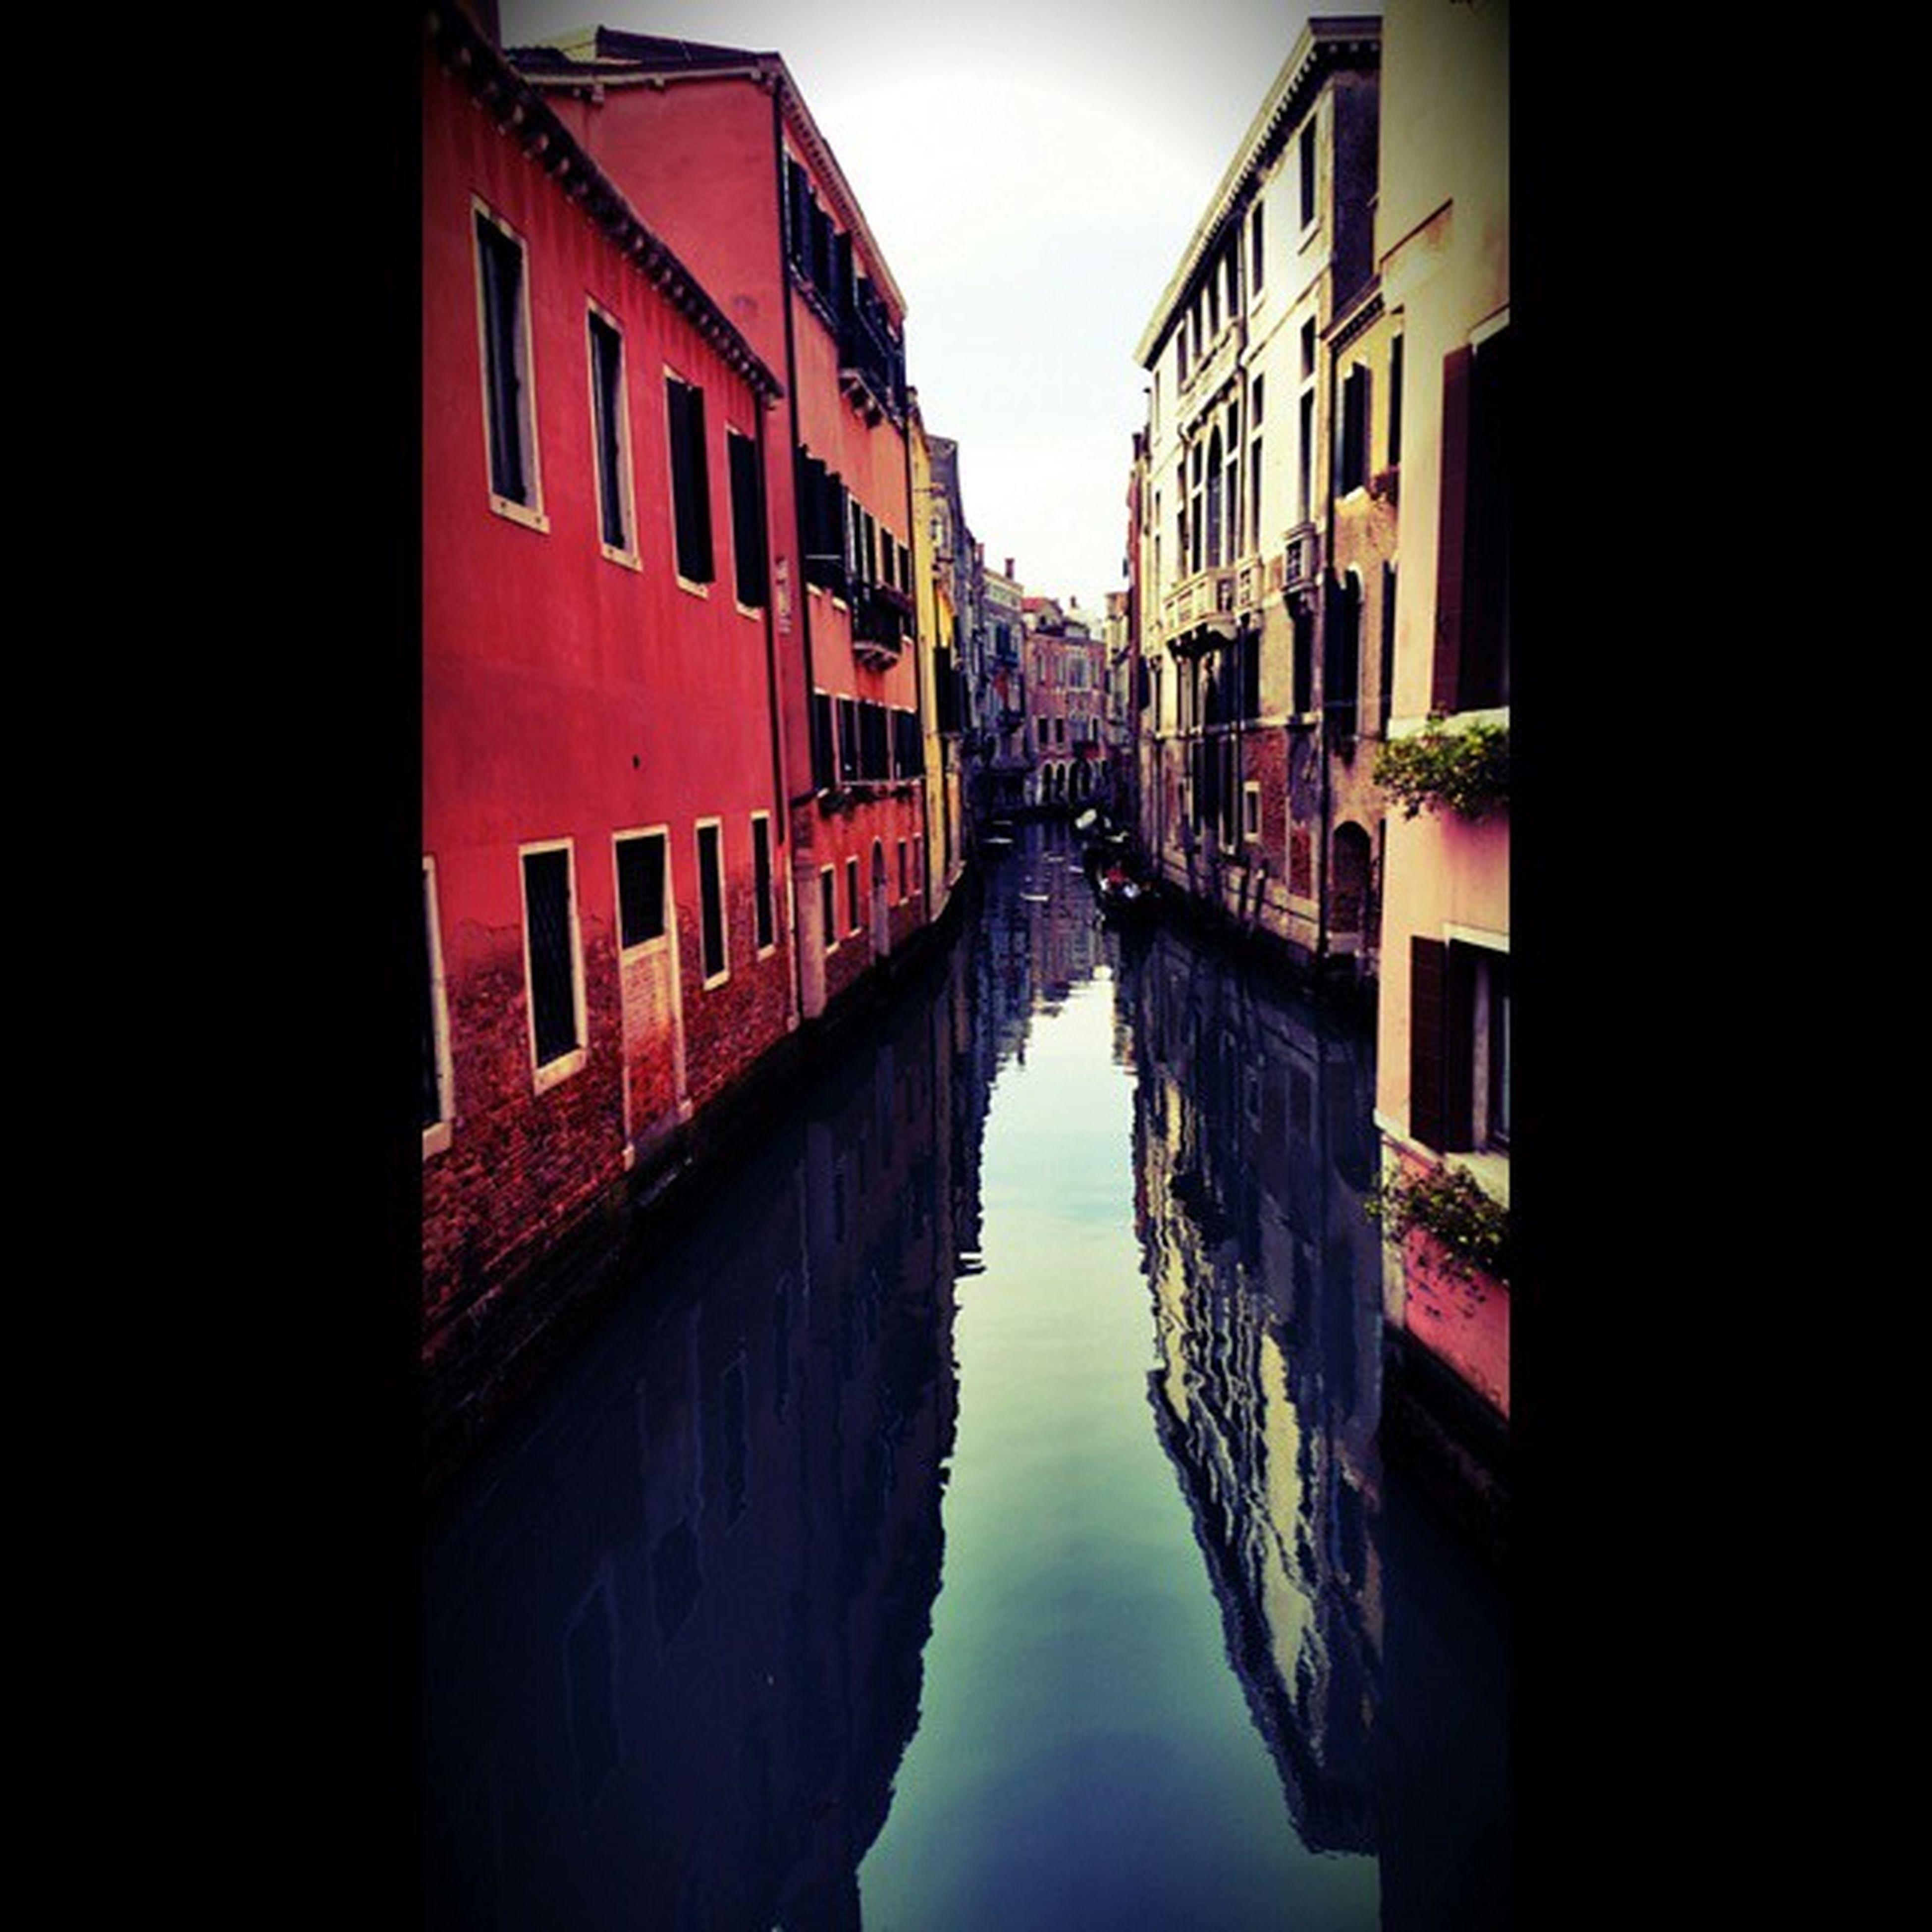 Venice Carnevale Sanvalentino Canareggio Colori Riflessi